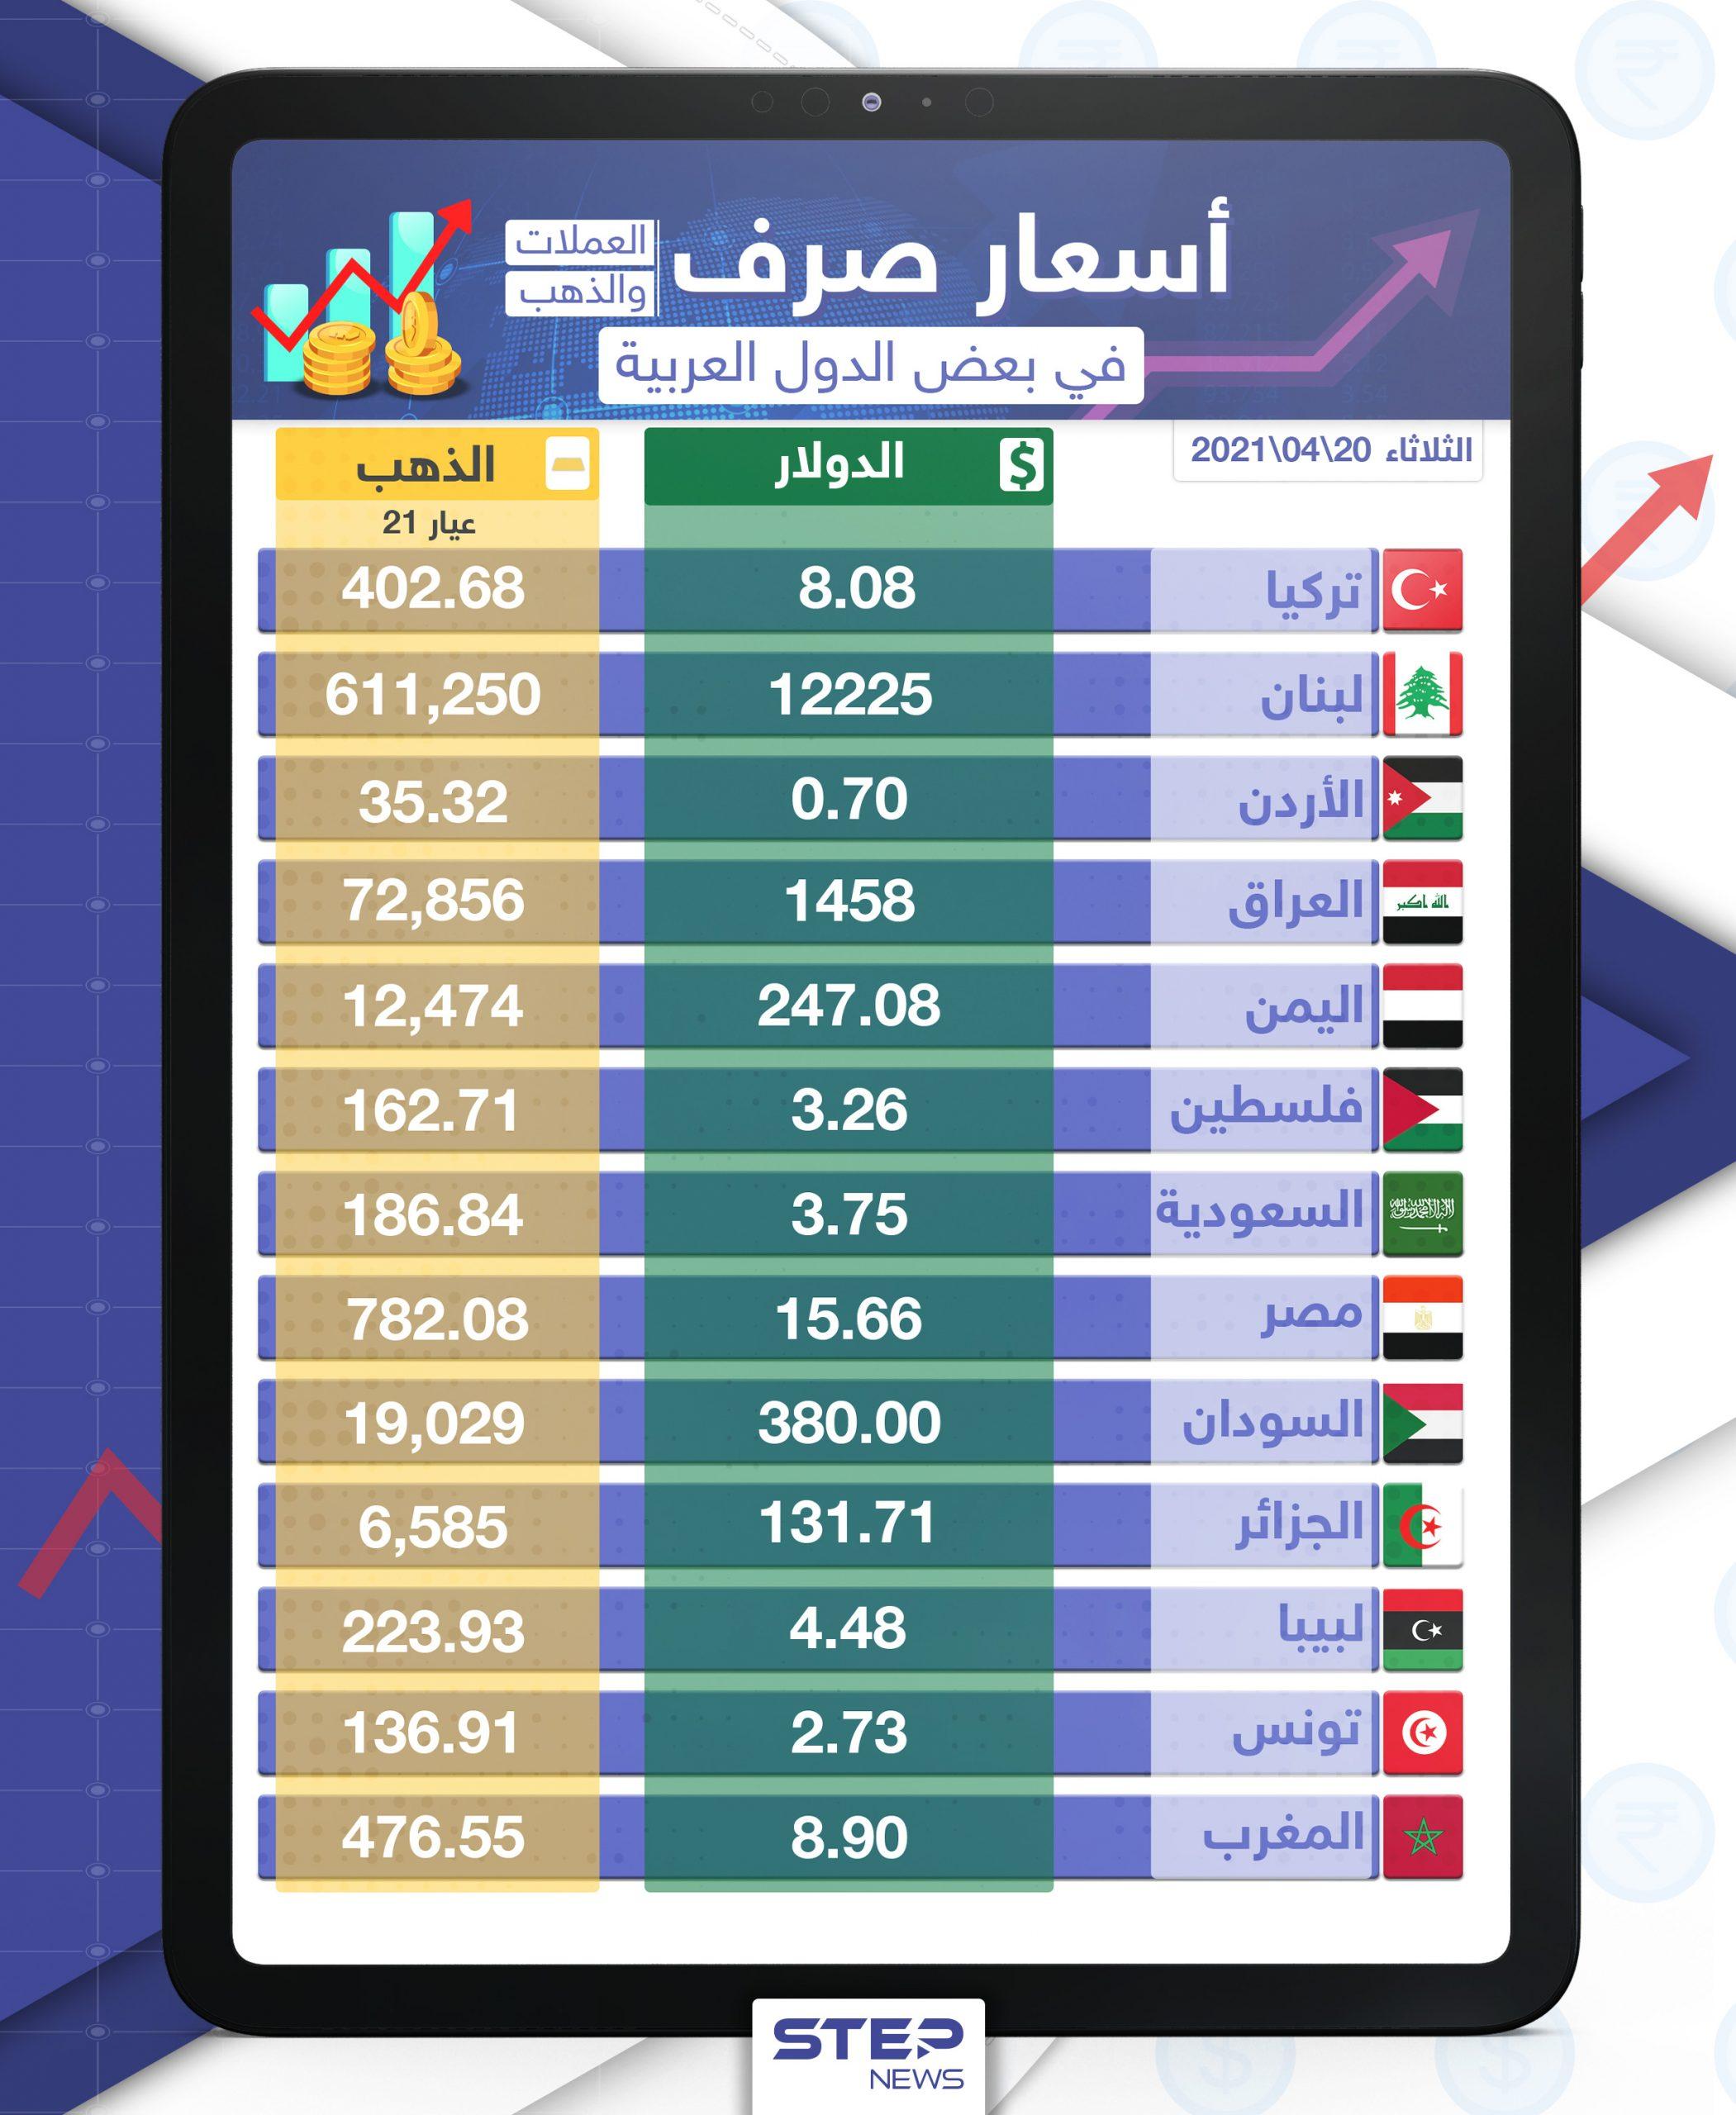 أسعار الذهب والعملات للدول العربية وتركيا اليوم الاثنين الموافق 20 نيسان 2021